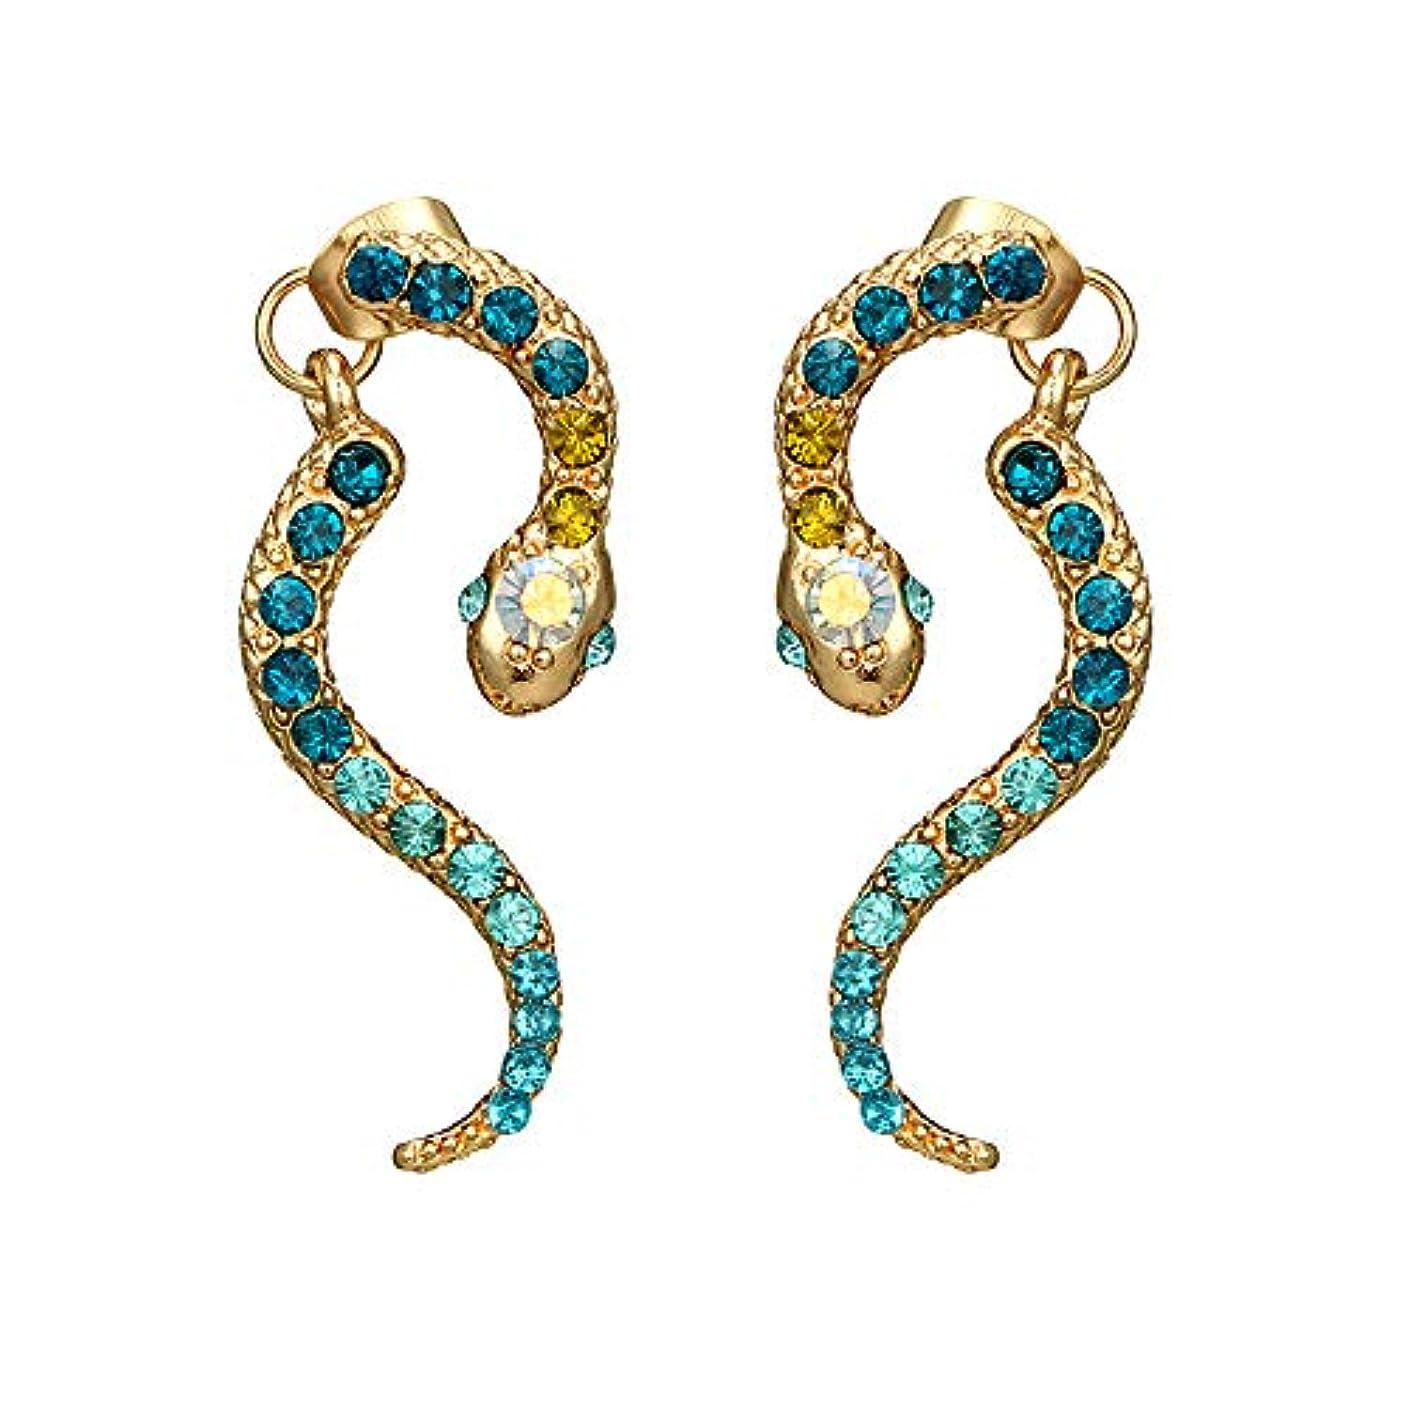 グレー現在スポーツマンNicircle 女性ヴィンテージパーソナリティゾディアックヘビ型ダイヤモンドイヤリング動物合金のイヤリング Women Vintage Personality Zodiac Snake-shaped Diamond Earrings...